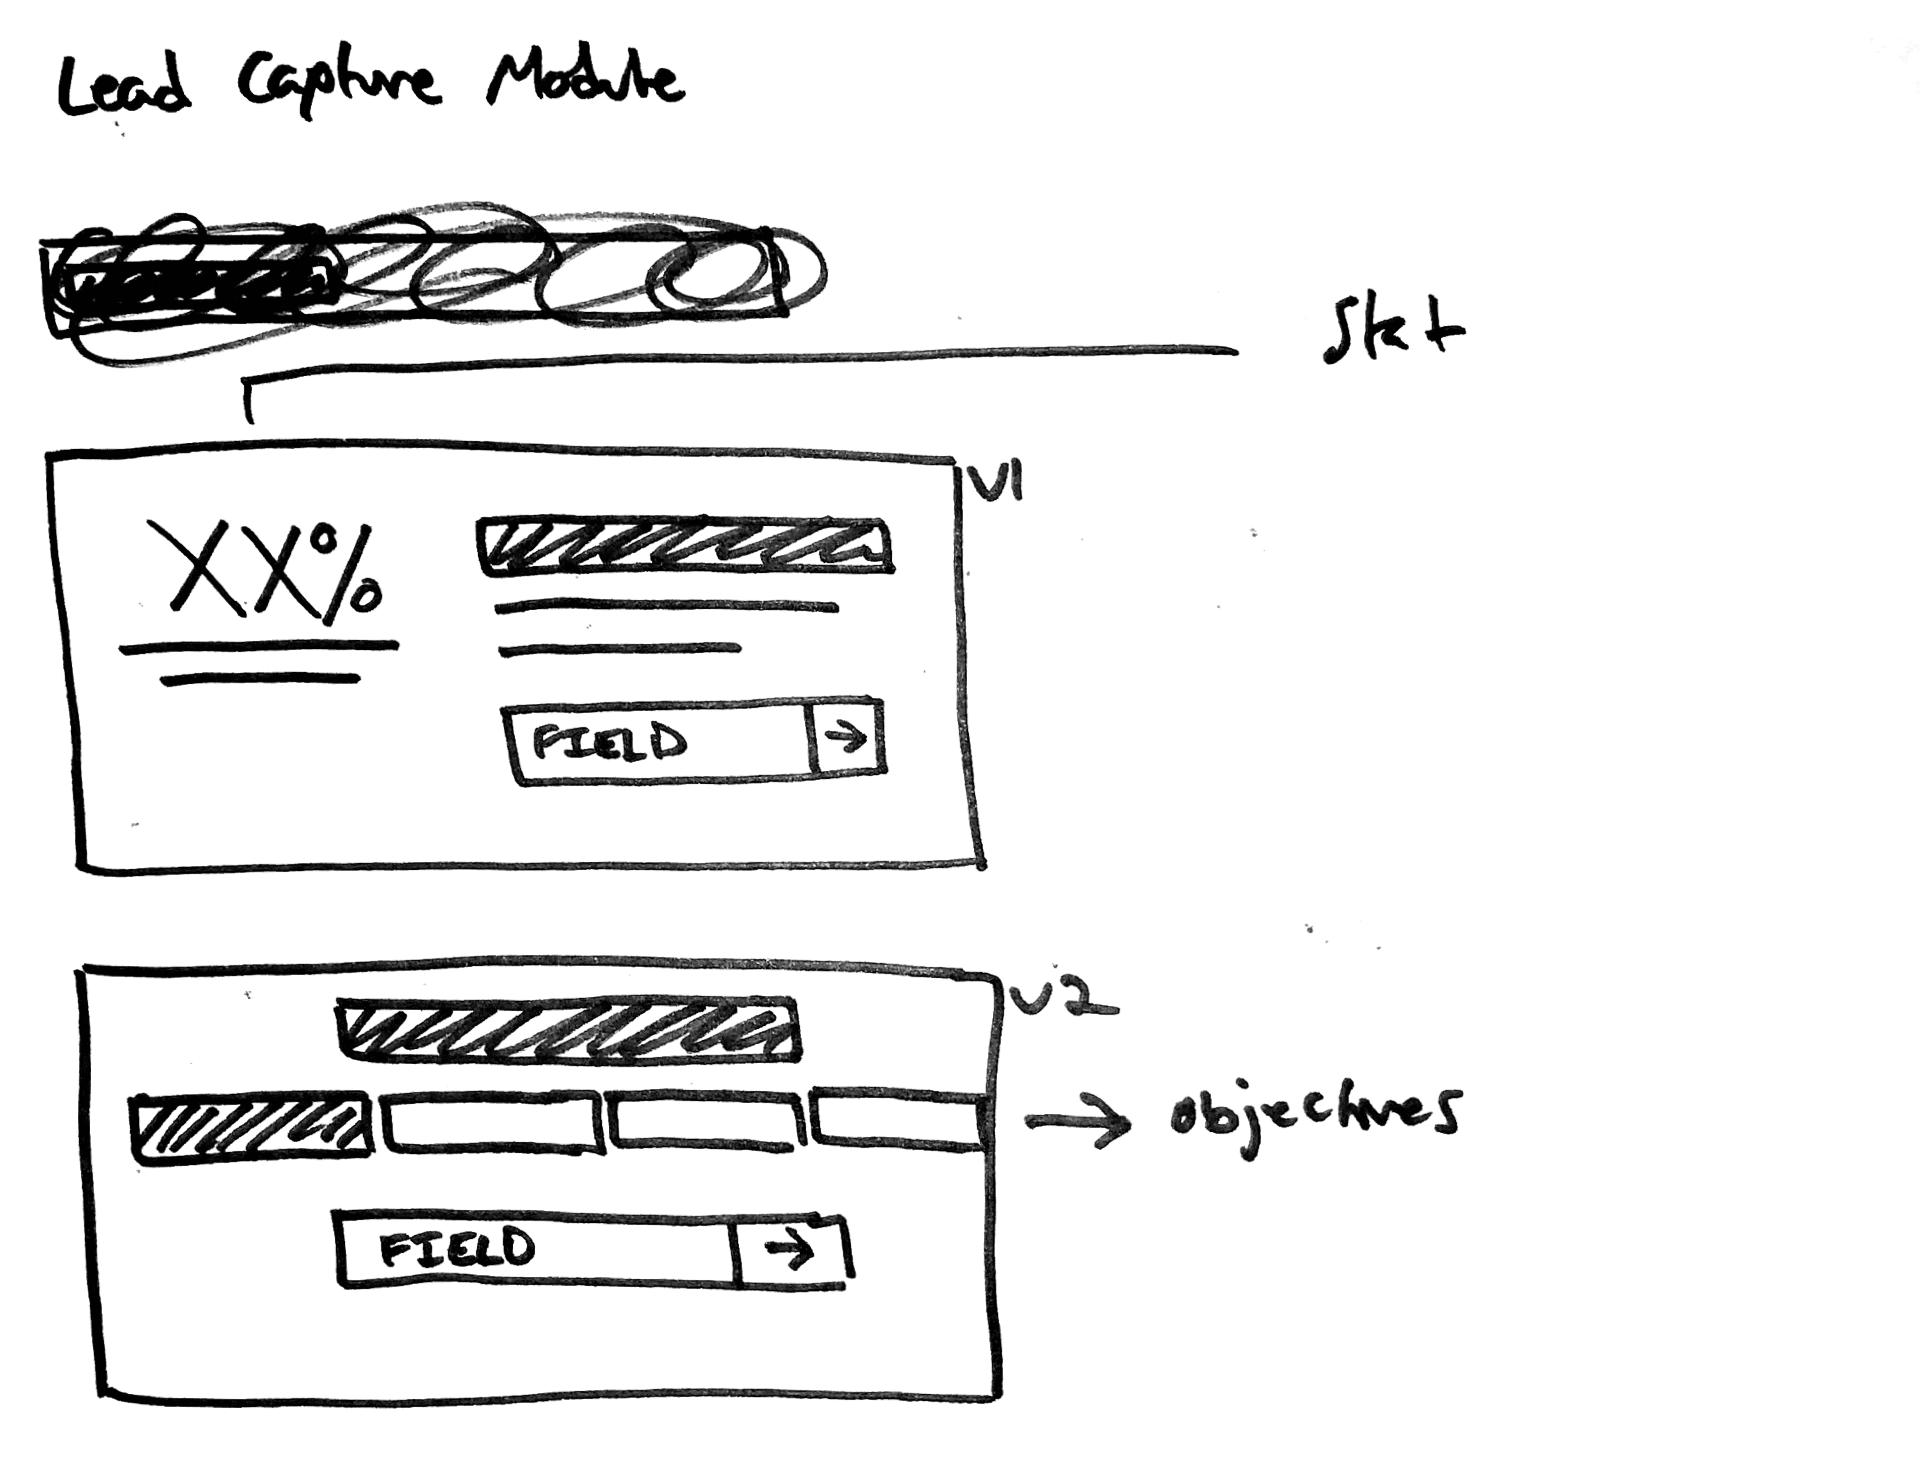 Lead Capture Module